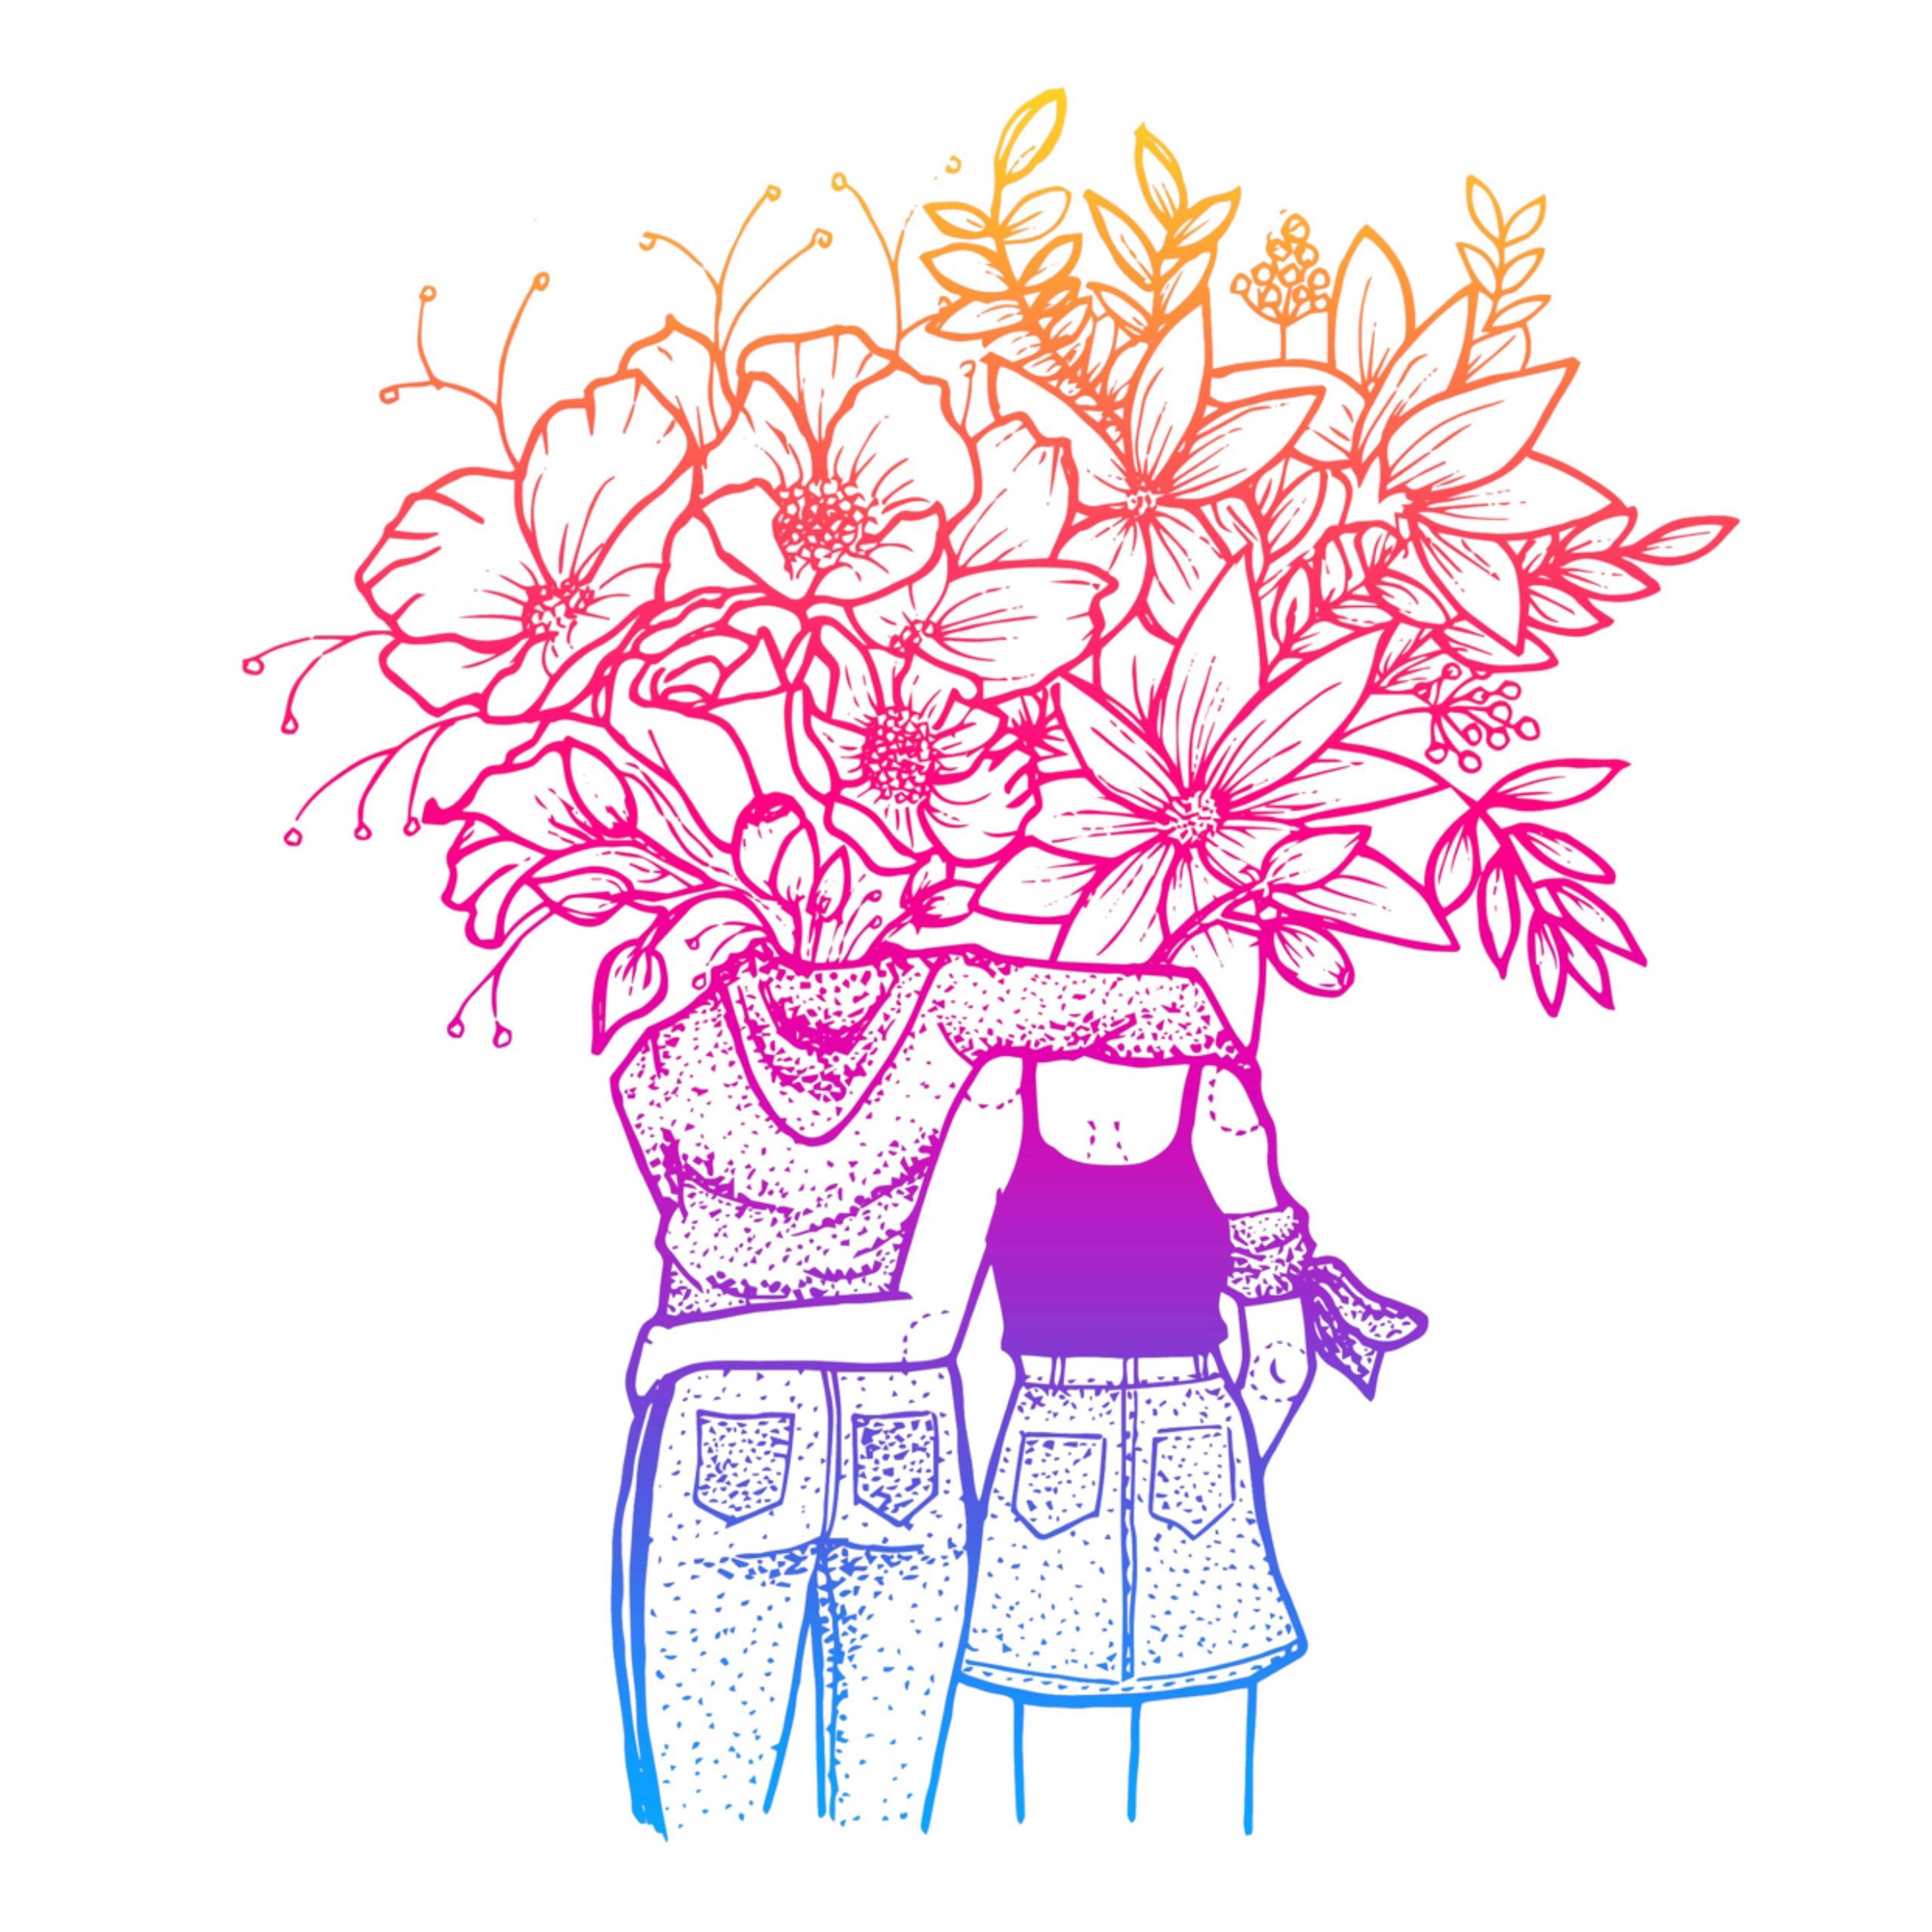 Ilustración. Dos mujeres abrazadas, de espaldas, y flores saliendo de su cuello.